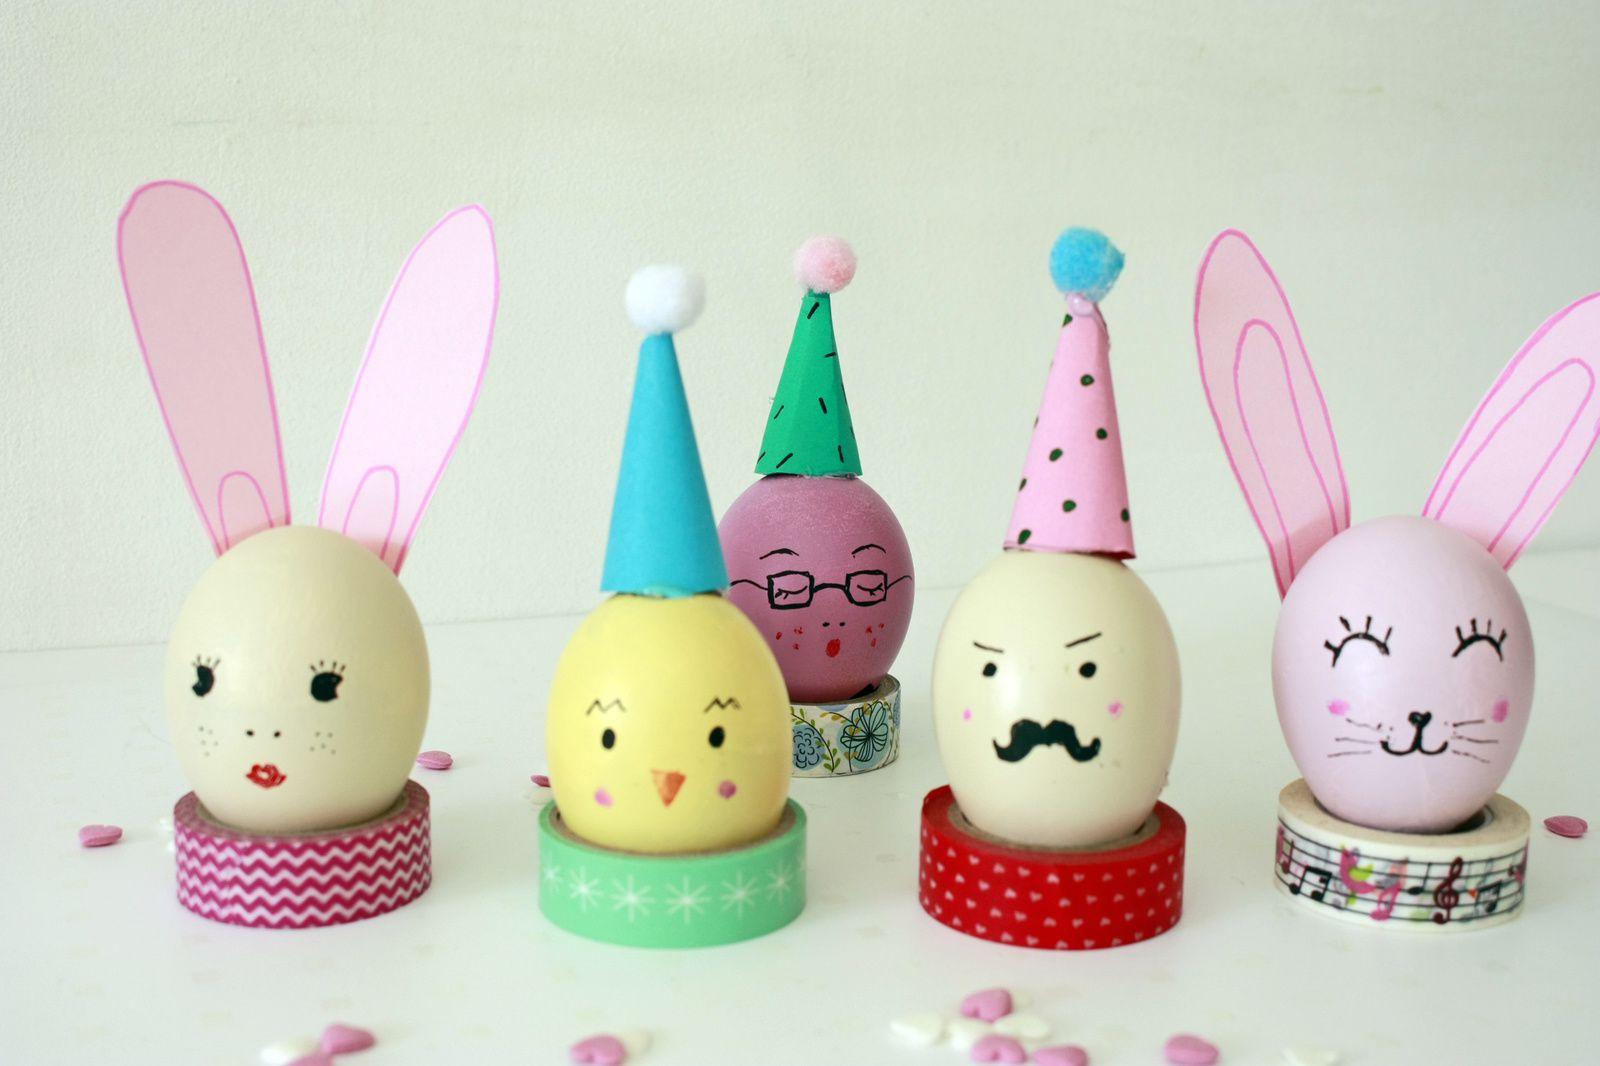 Les oeufs personnages de Pâques !